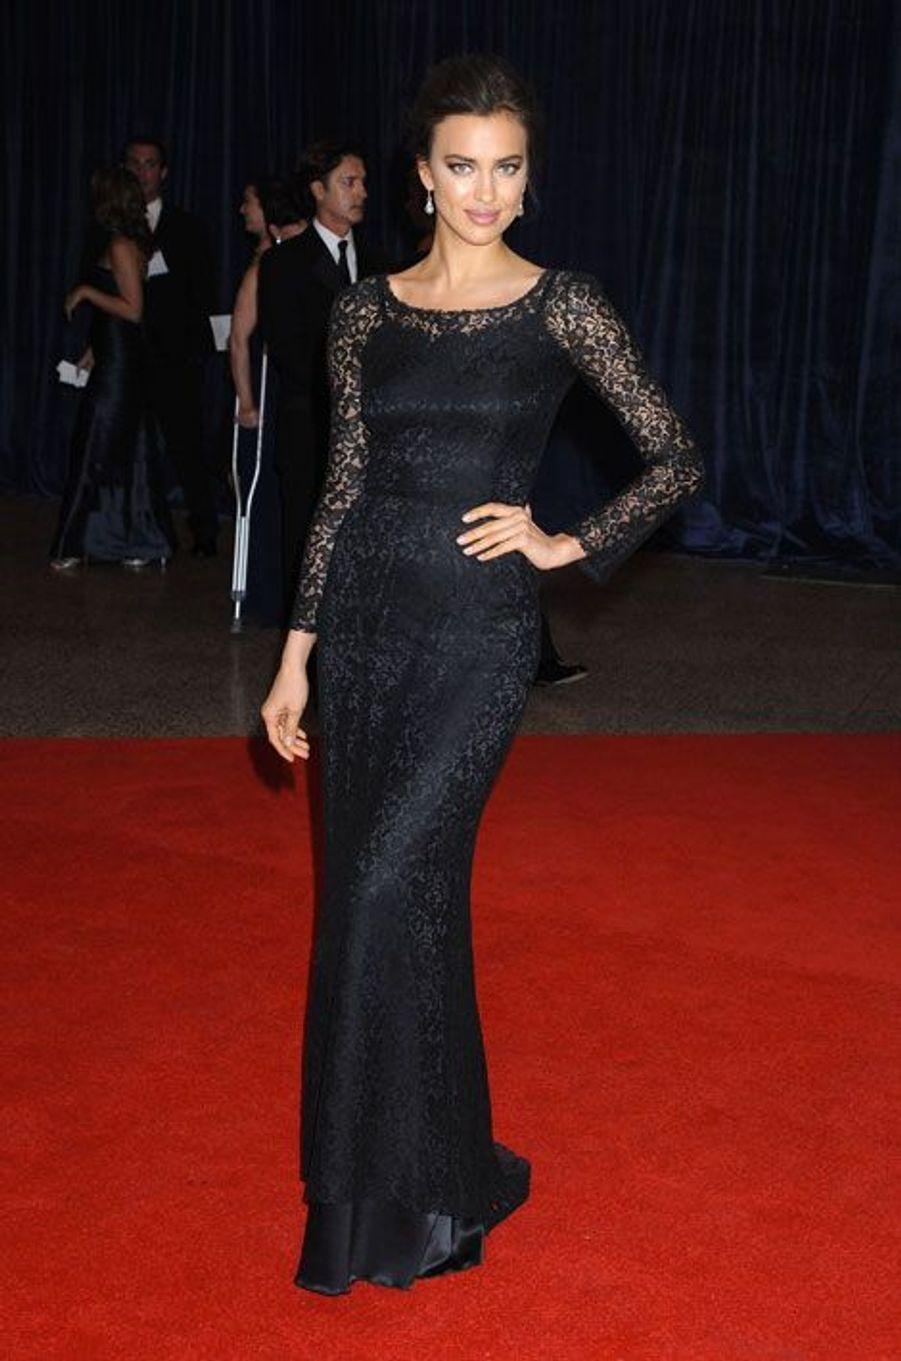 En Dolce & Gabbana pour la soirée des correspondants à la Maison Blanche, le 27 avril 2013